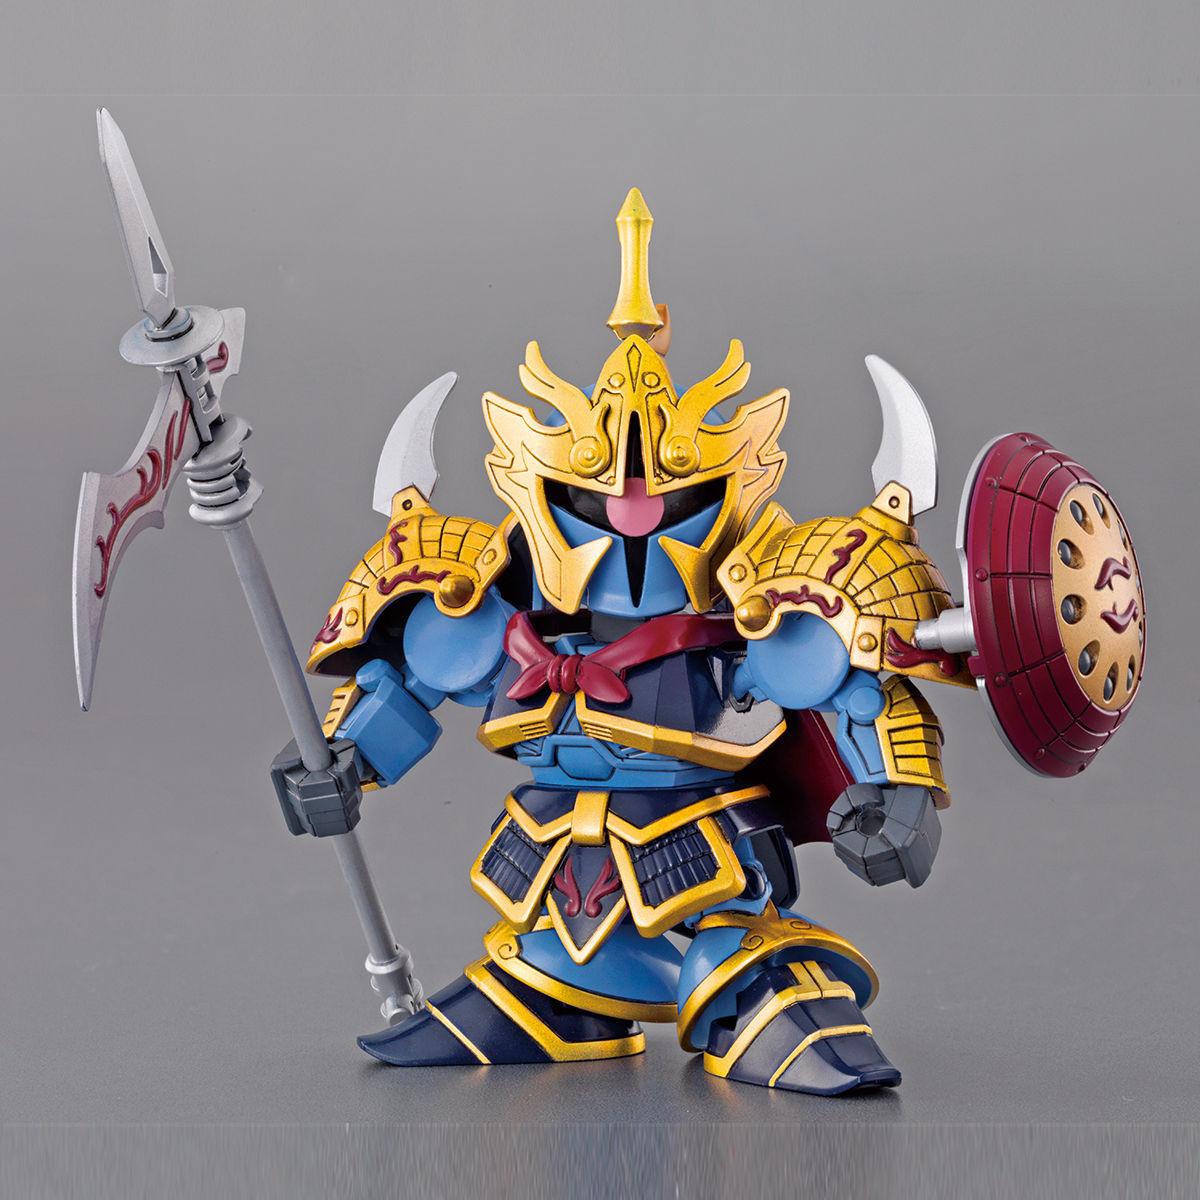 85767SDガンダム 三国伝 Brave Battle Warriors(ブレイブバトルウォーリアーズ) 004 真 胡軫ギャン(コシンギャン)